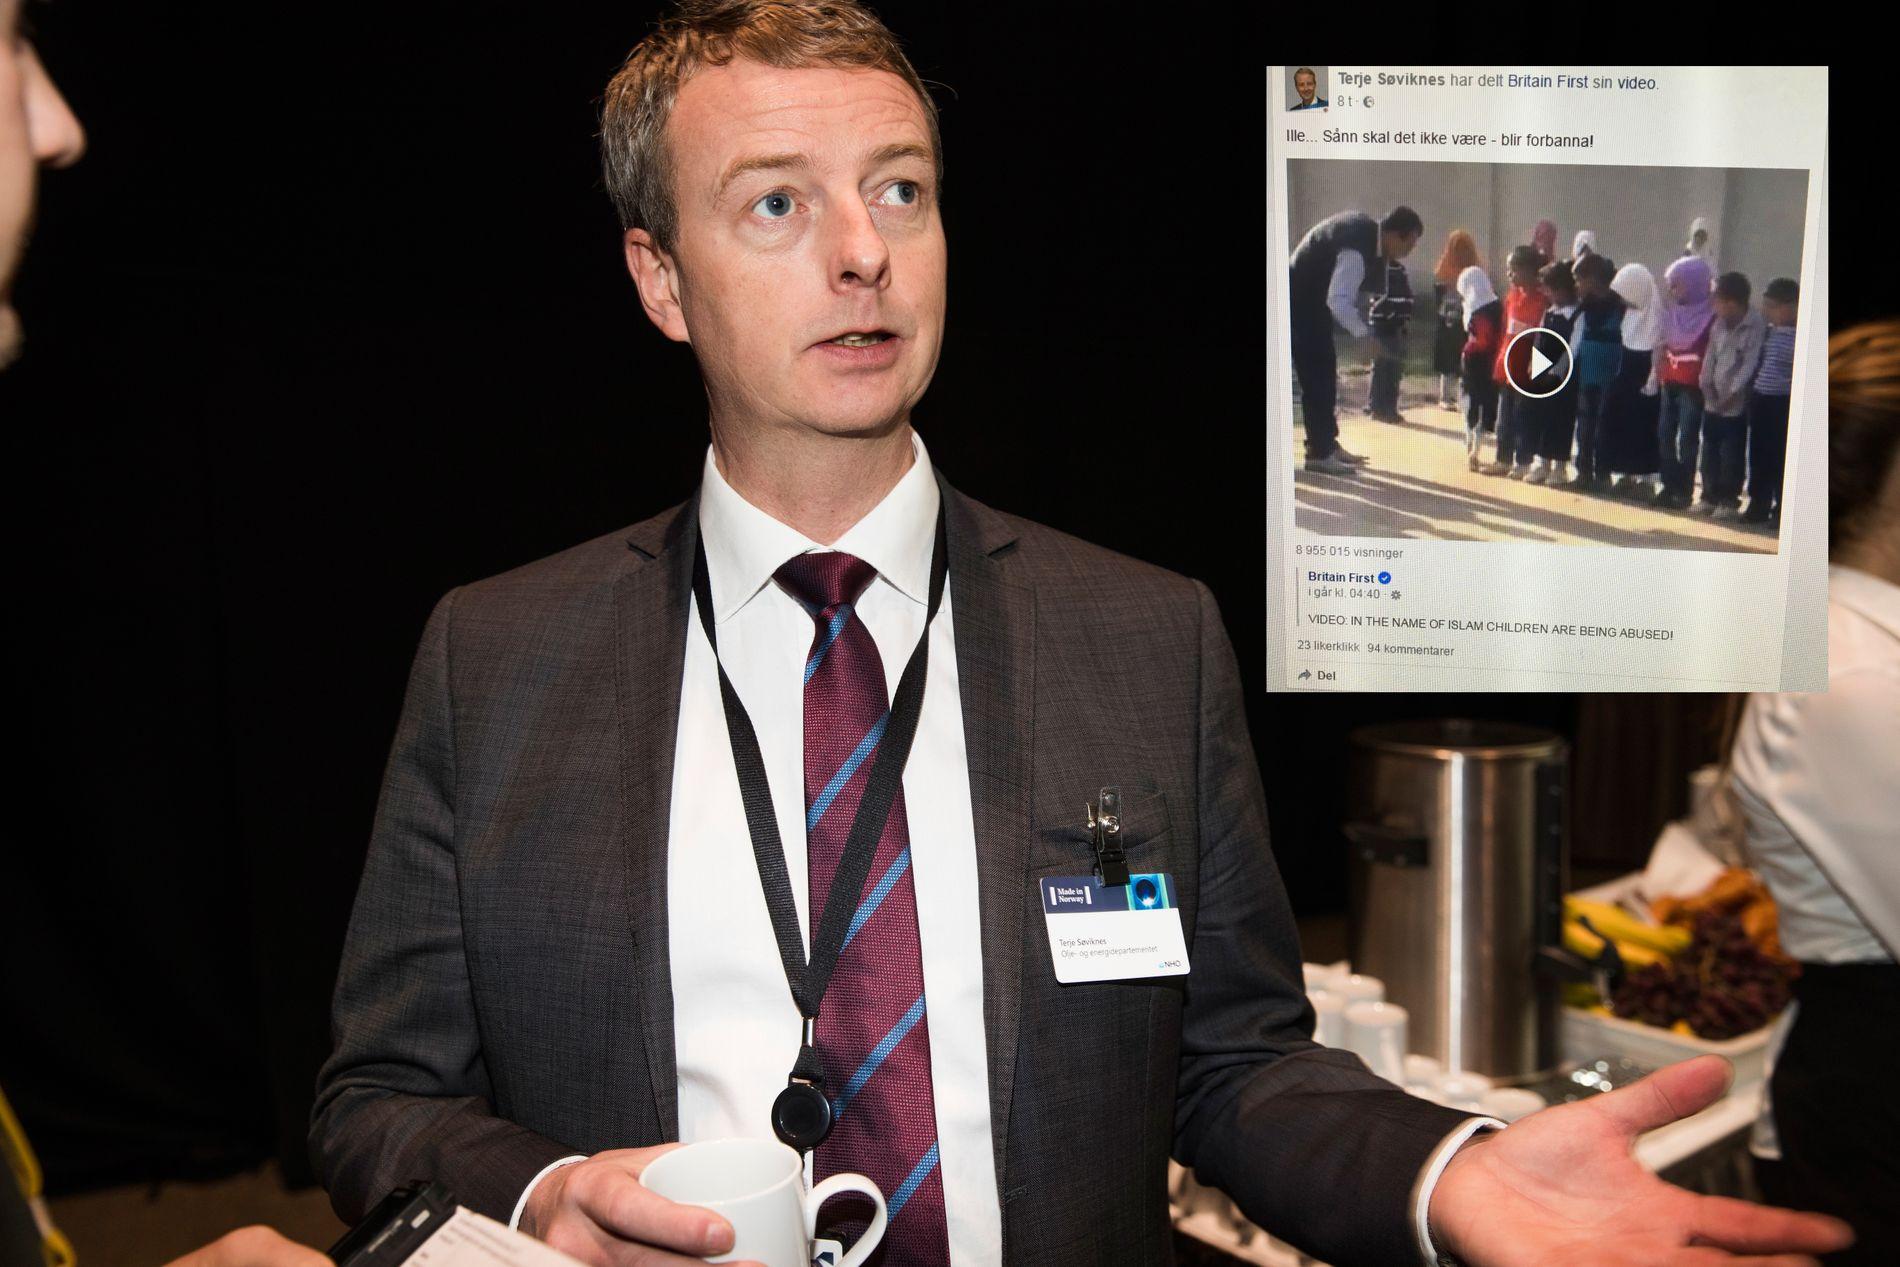 FACEBOOK-INNLEGG: Oljeminister Terje Søviknes delte en video formidlet av høyreradikale Britain First på Facebook. Her er statsråden avbildet under NHOs årskonferanse i Oslo i januar.